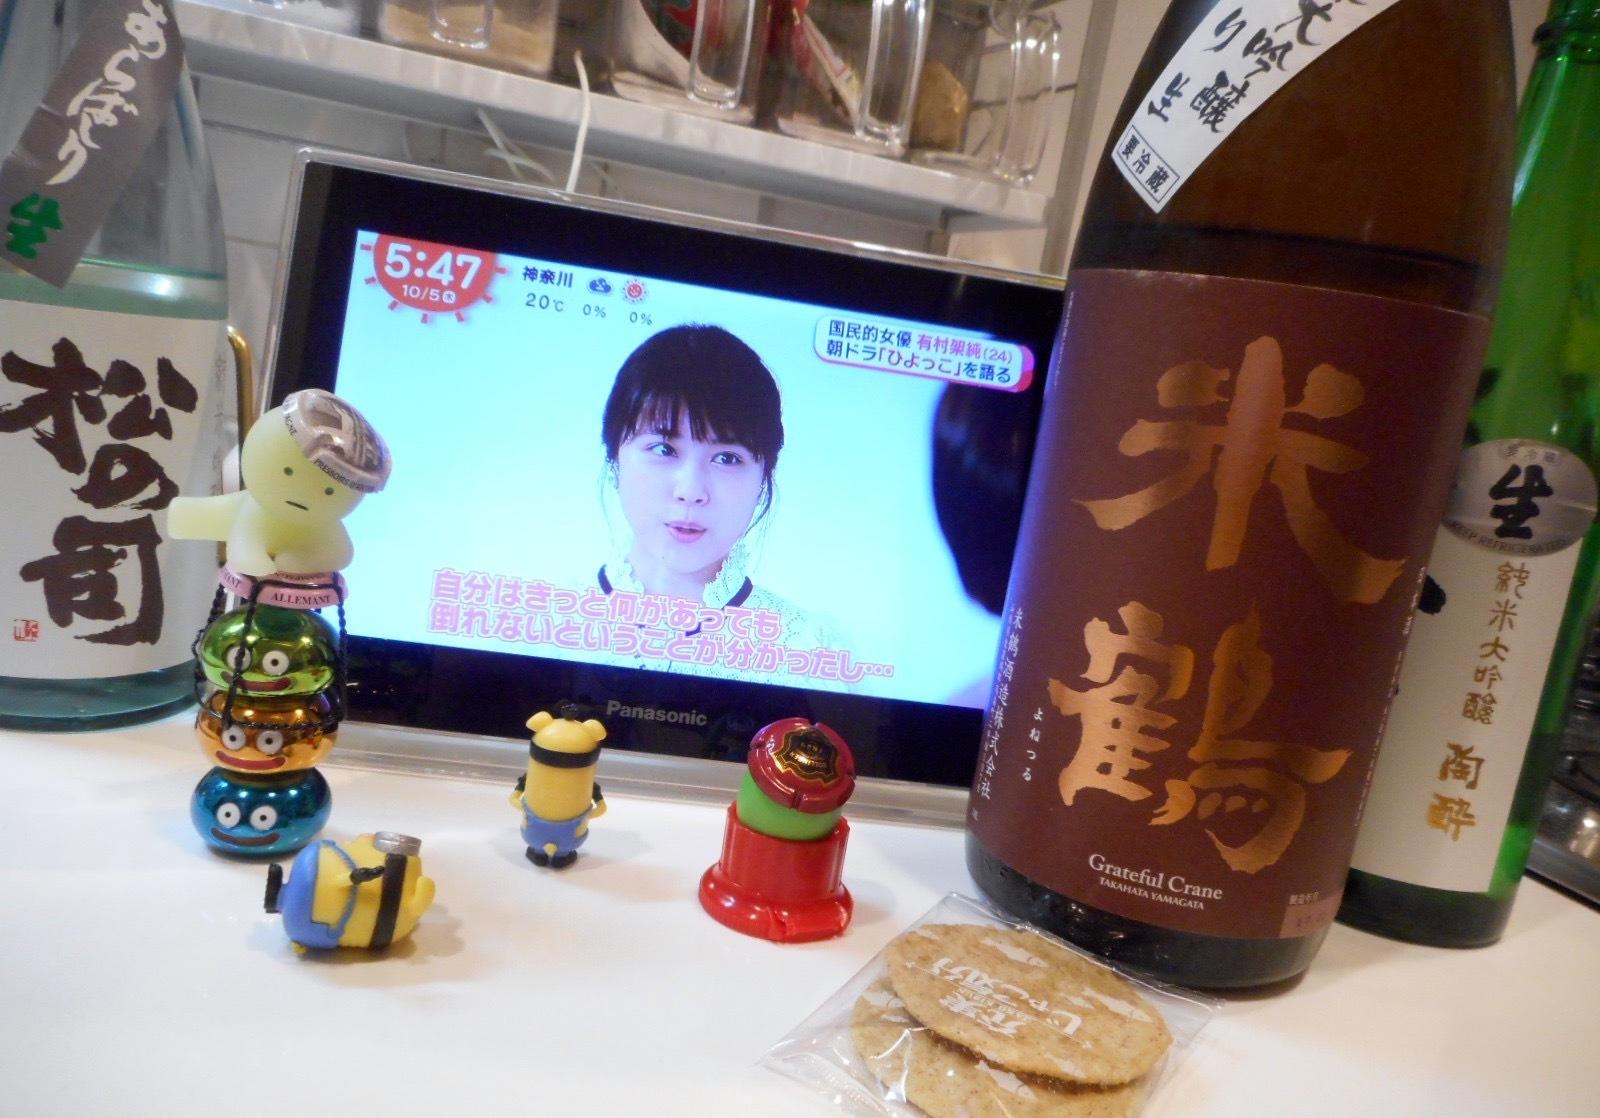 yonetsuru_yamahaijundai28by2_1.jpg